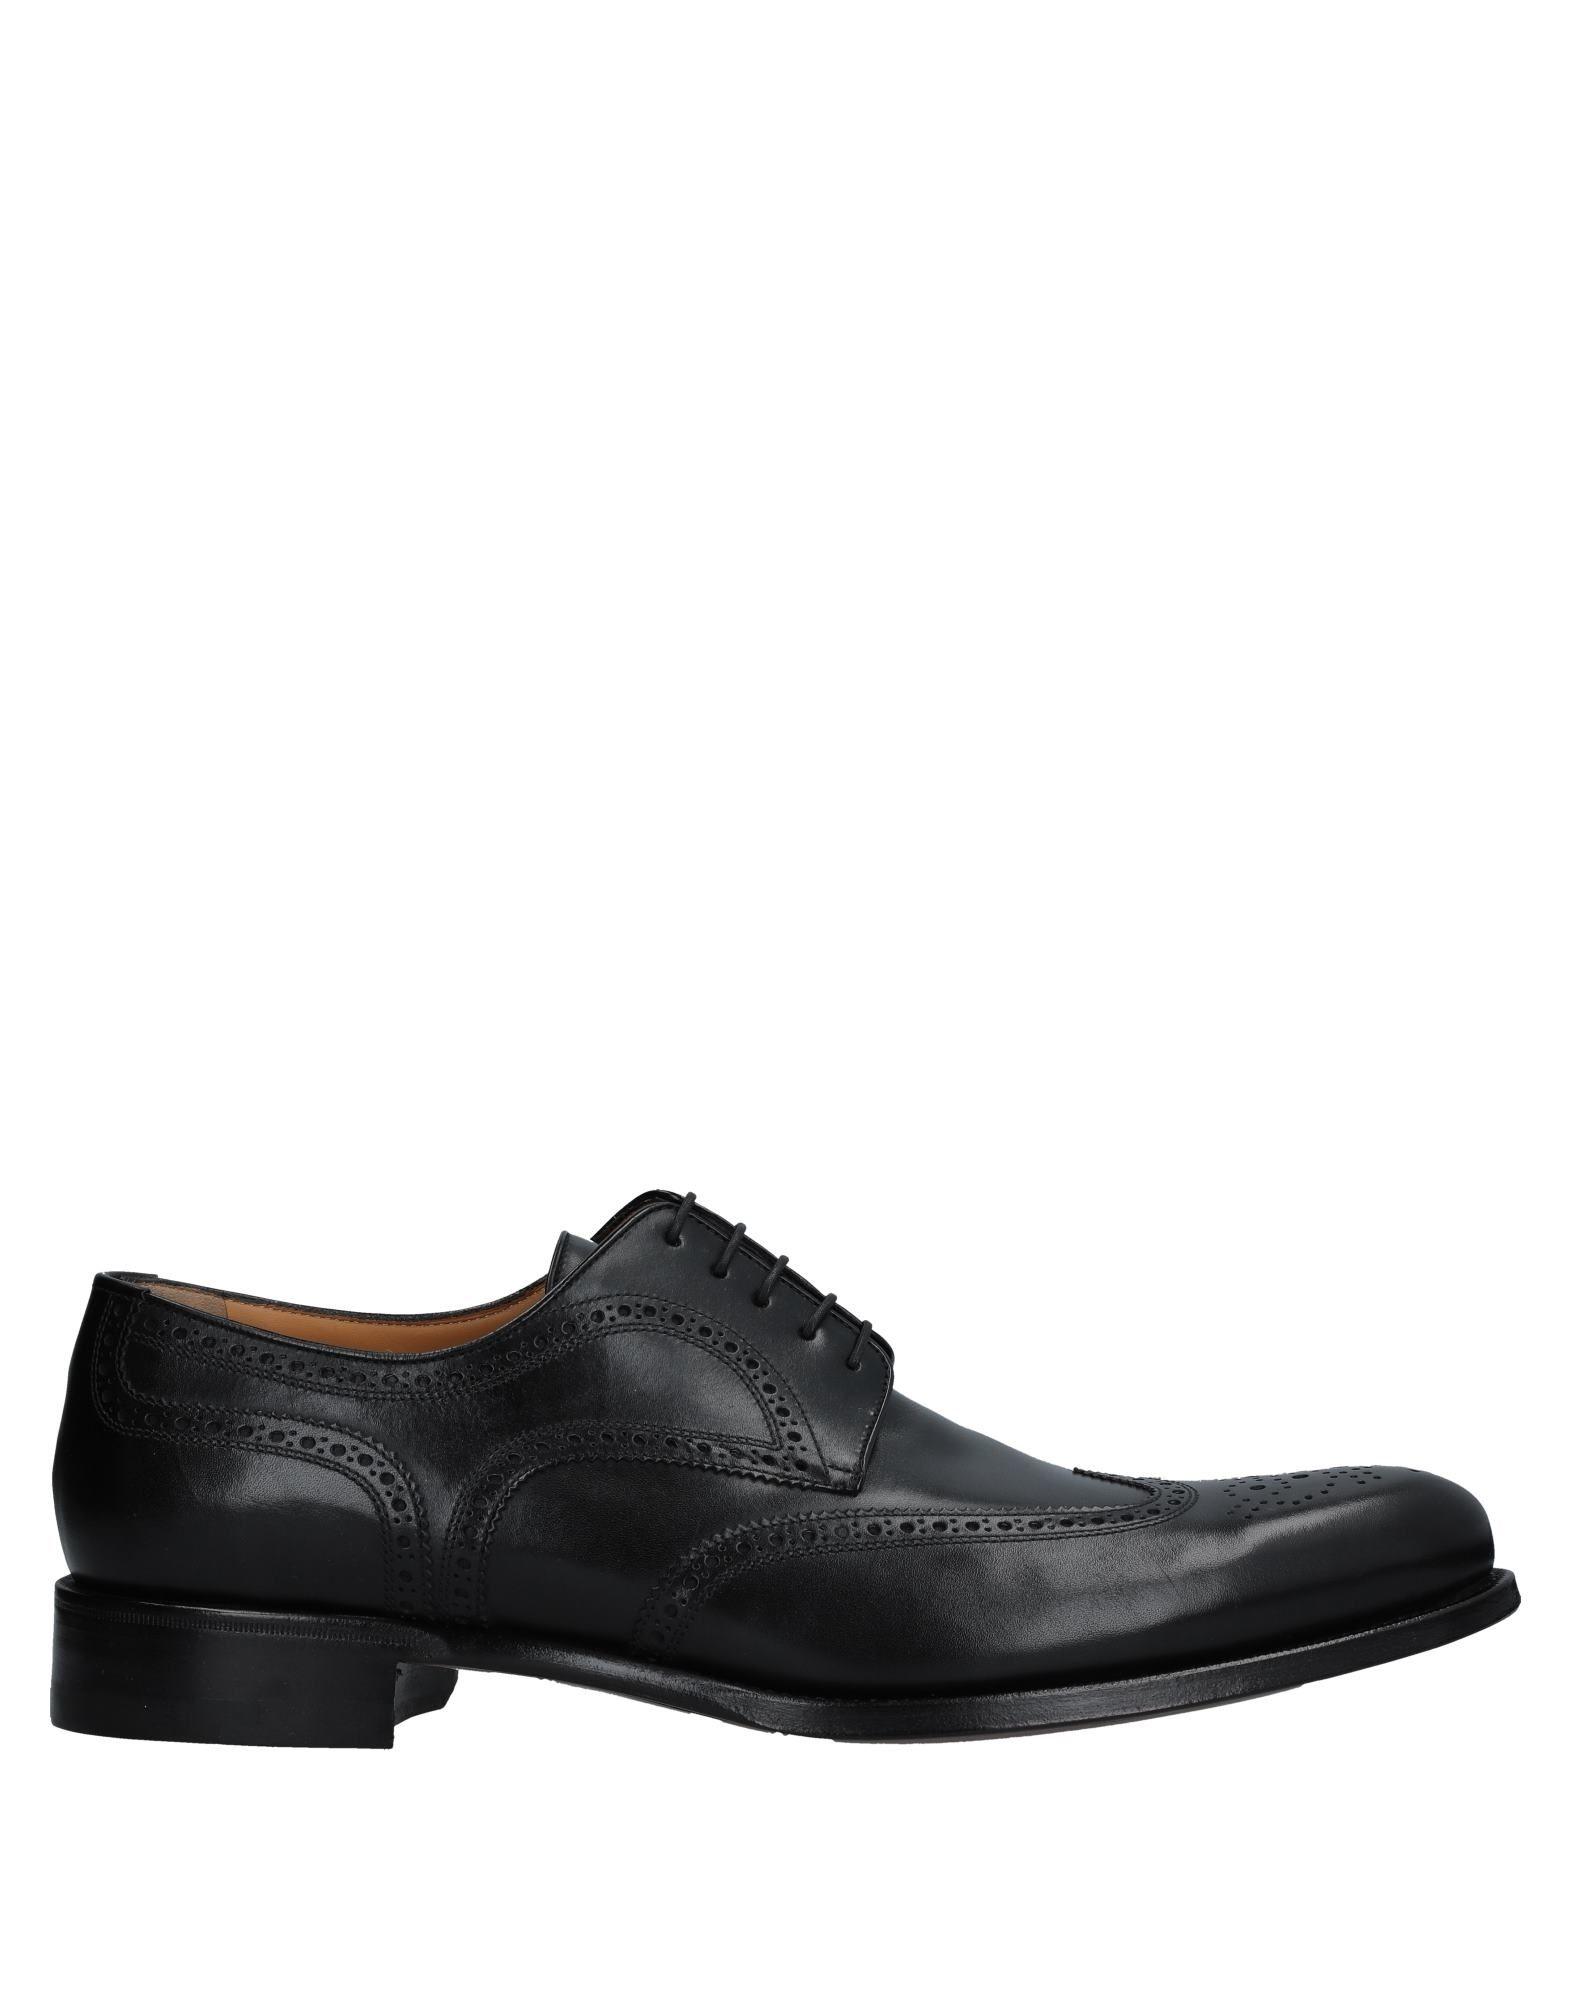 A.Testoni Schnürschuhe Herren  11540199BQ Gute Qualität beliebte Schuhe